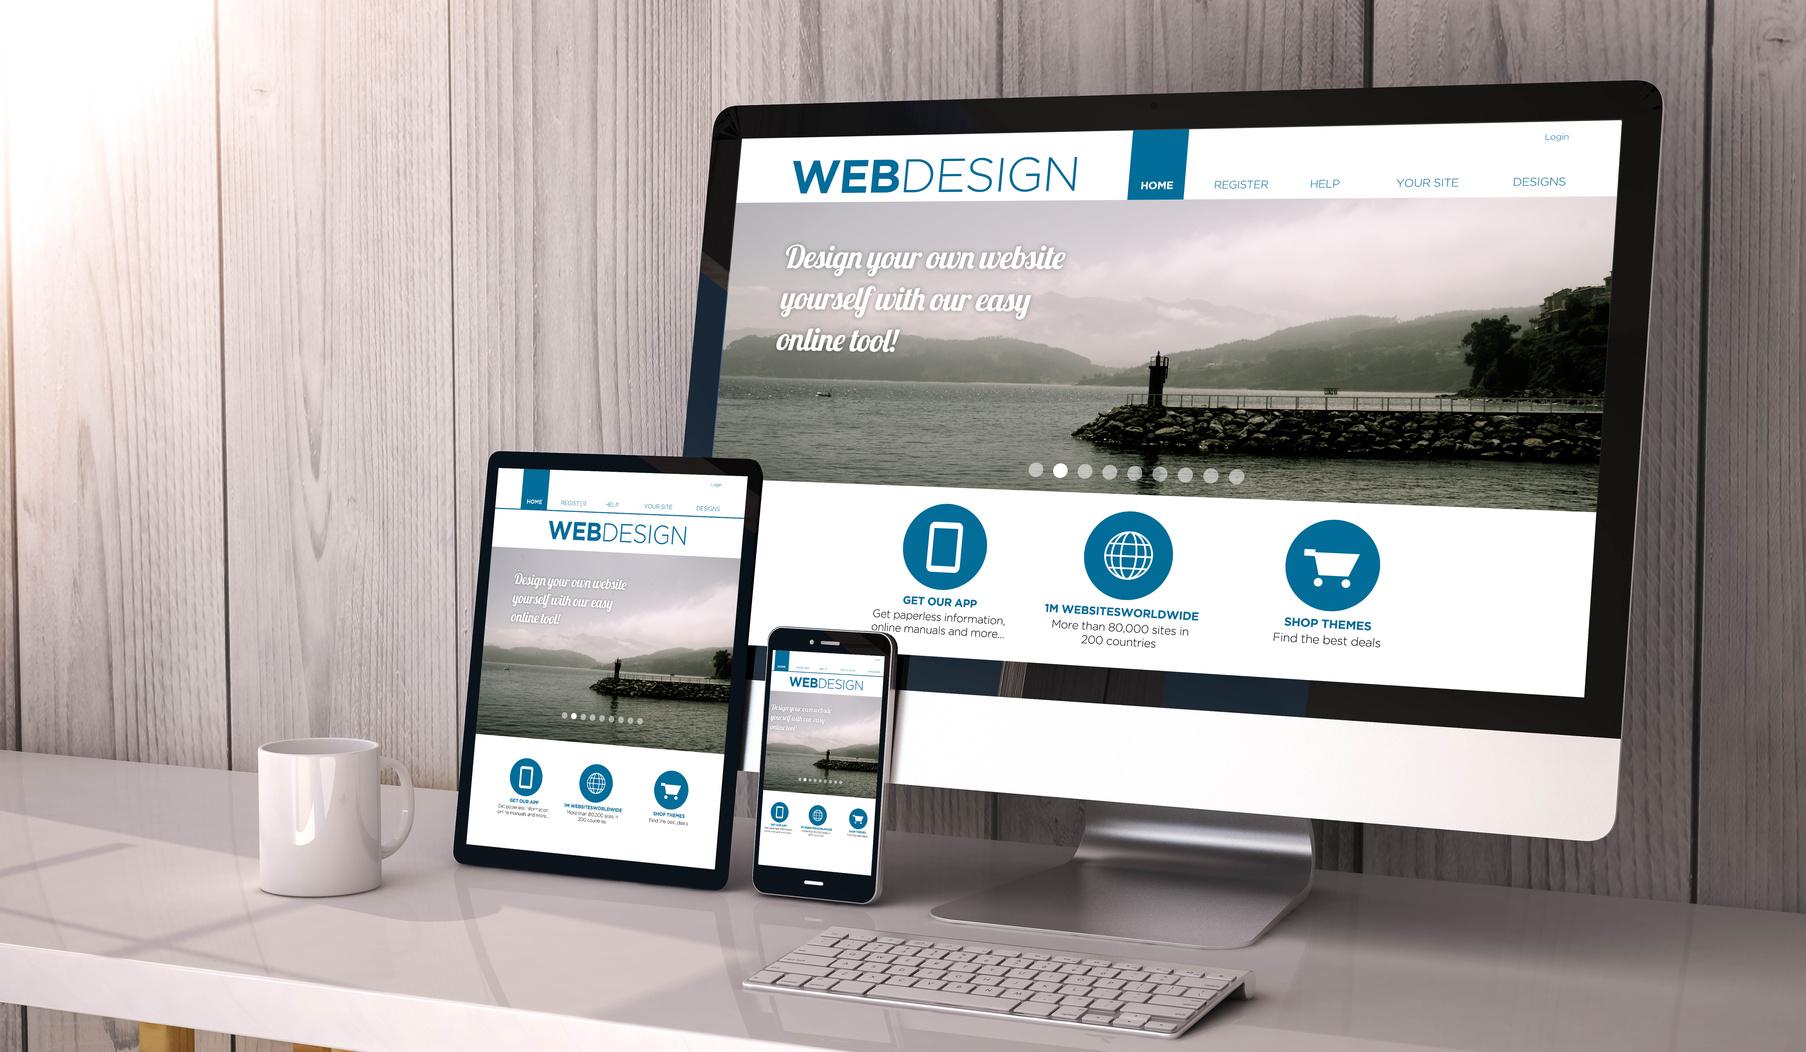 La estructura de una página web es la designación de un sitio web completo.Una buena estructura de sitio web organiza los contenidos de una página de manera lógica y temática…